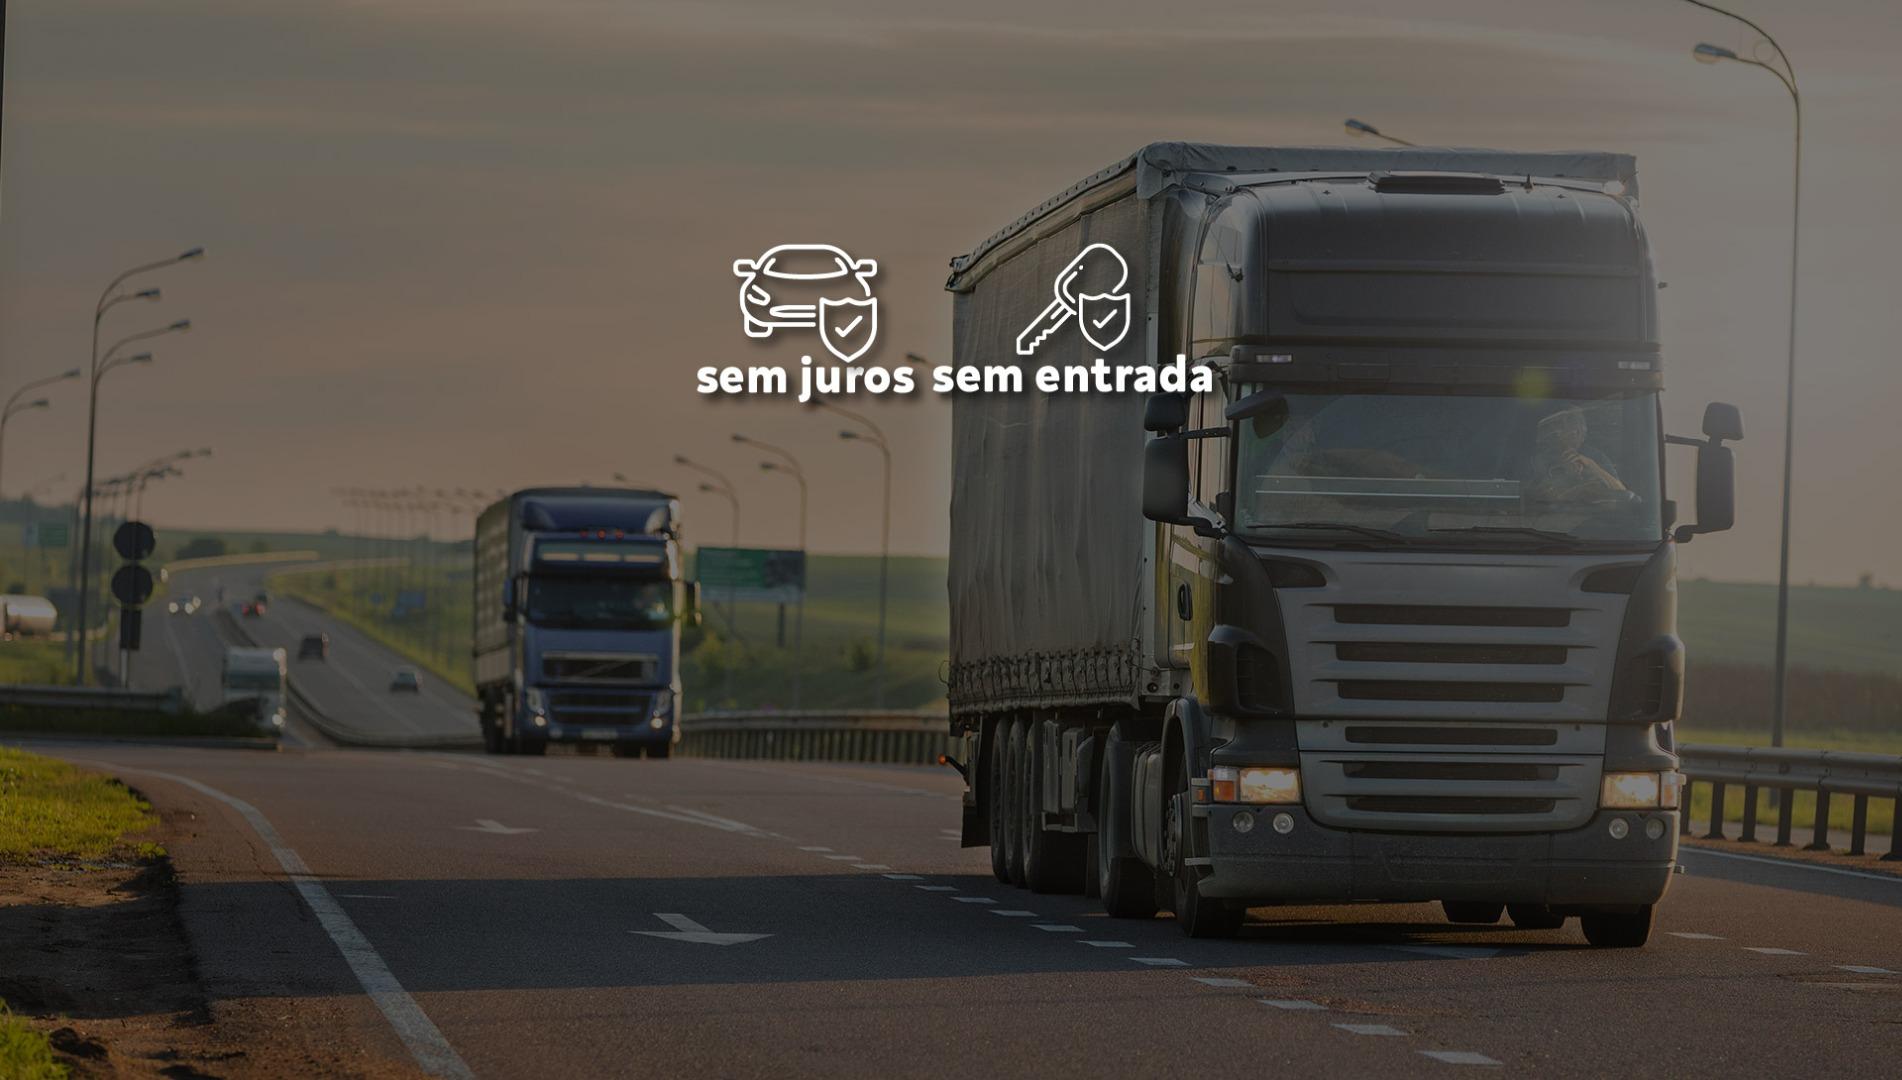 Crédito para Caminhões, Carretas, Ônibus e outros pesados